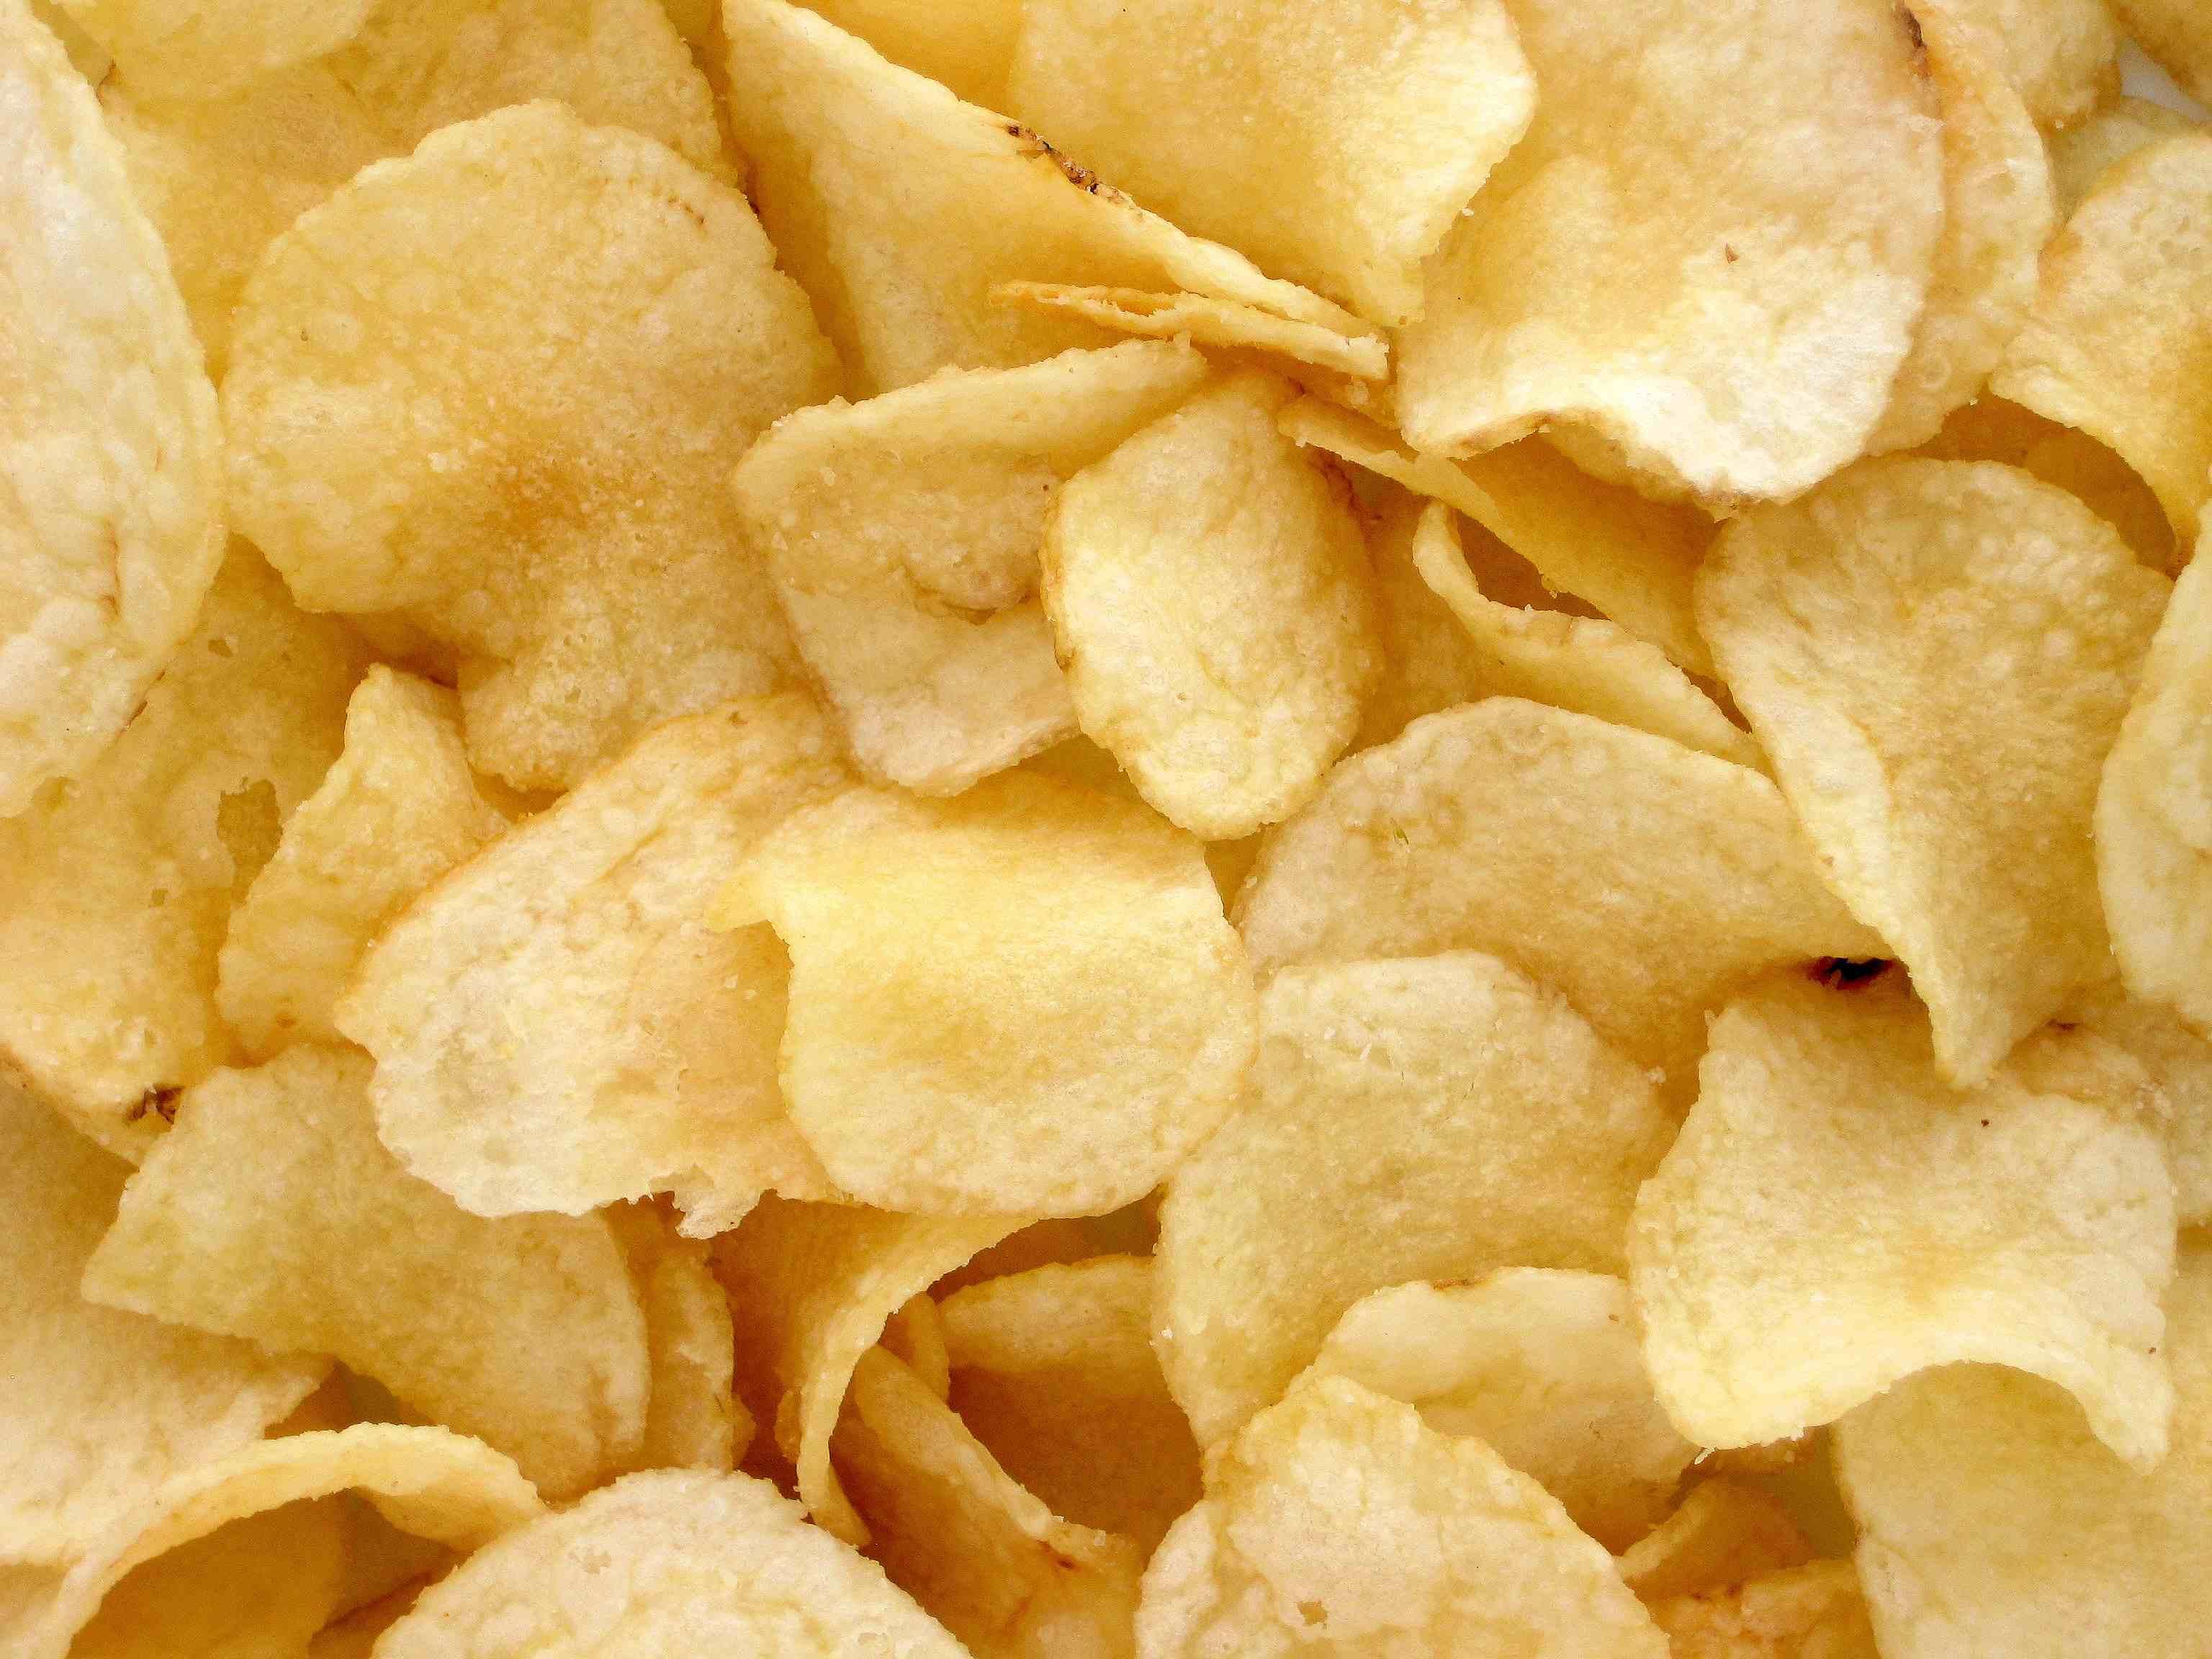 Selbstgemacht 7 Gesunde Alternativen Zu Herkömmlichen Chips Gesund Heute